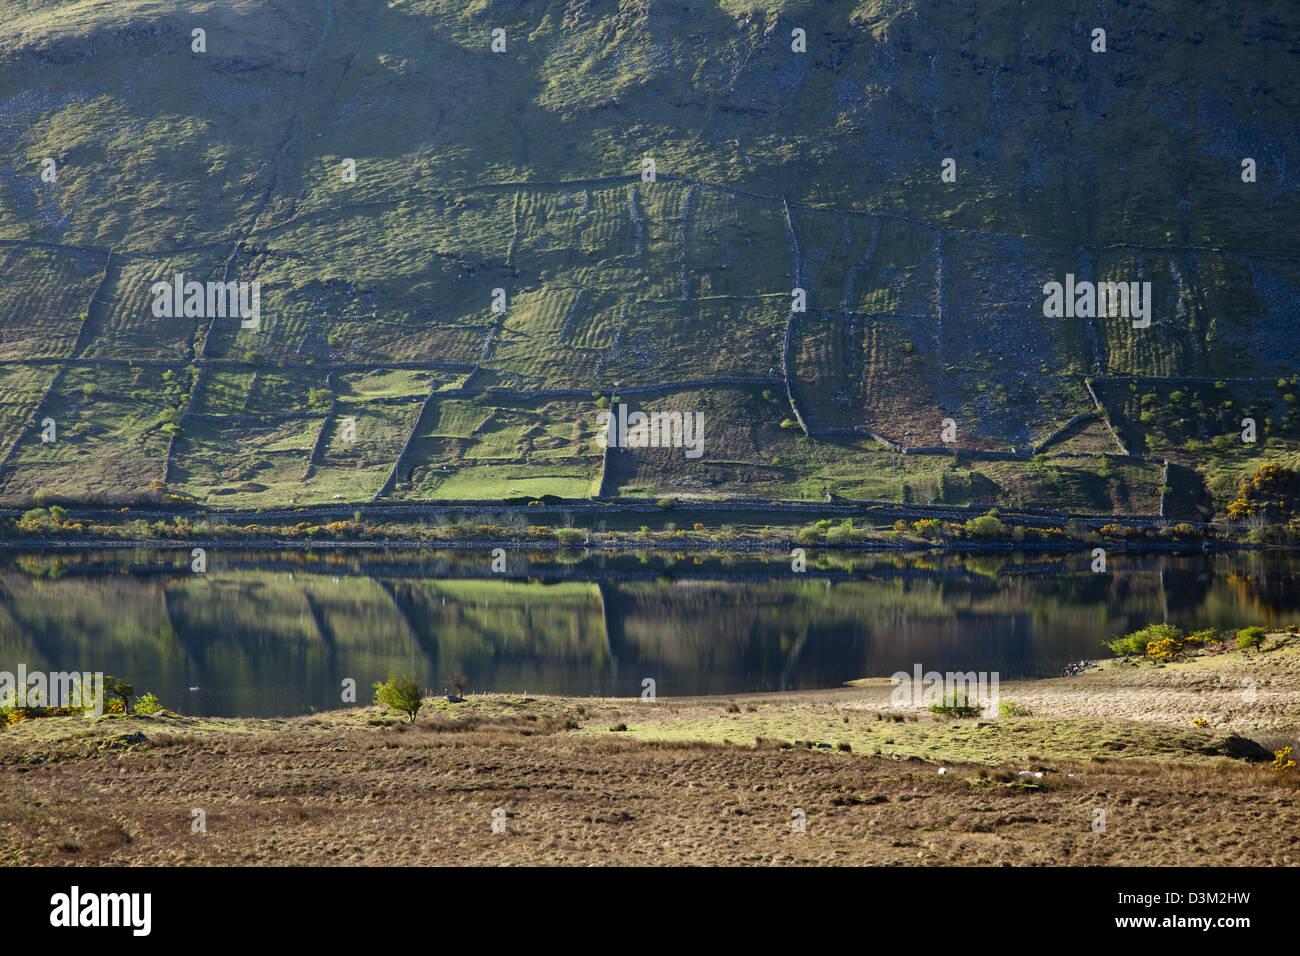 Vieux murs et paresseux chambres reflète dans le Lough Mask, Comté de Mayo, Irlande. Photo Stock